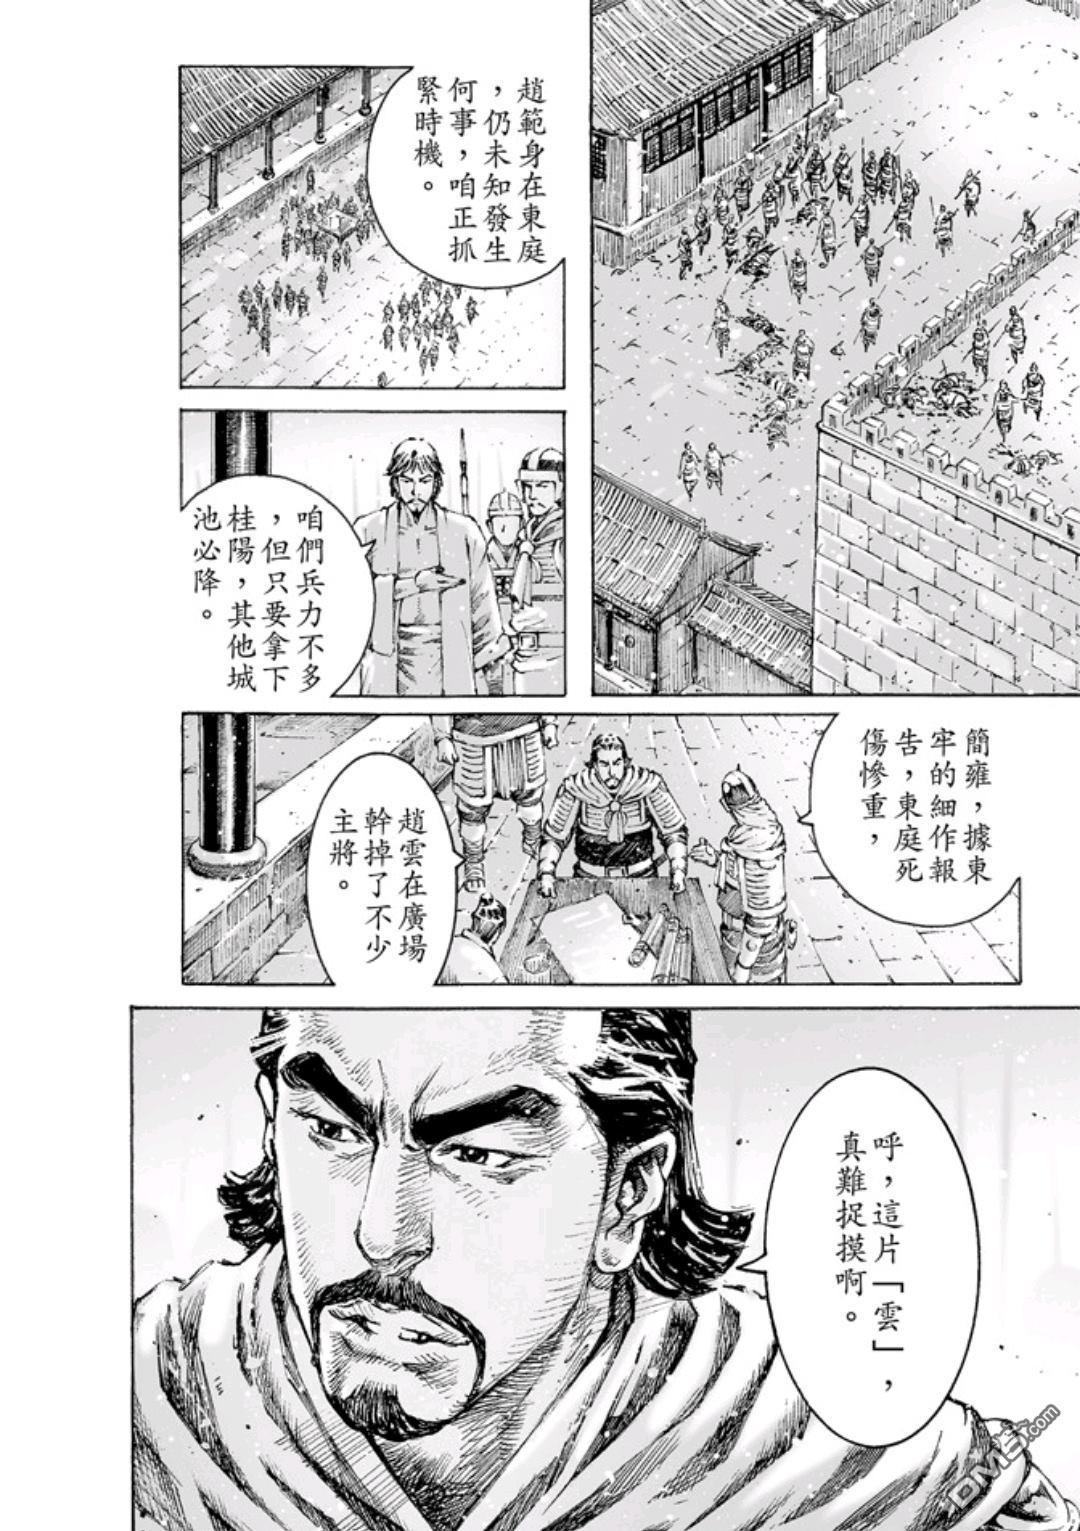 火鳳燎原漫畫火鳳燎原第468回:桂陽之秘(第4頁)劇情-二次元動漫